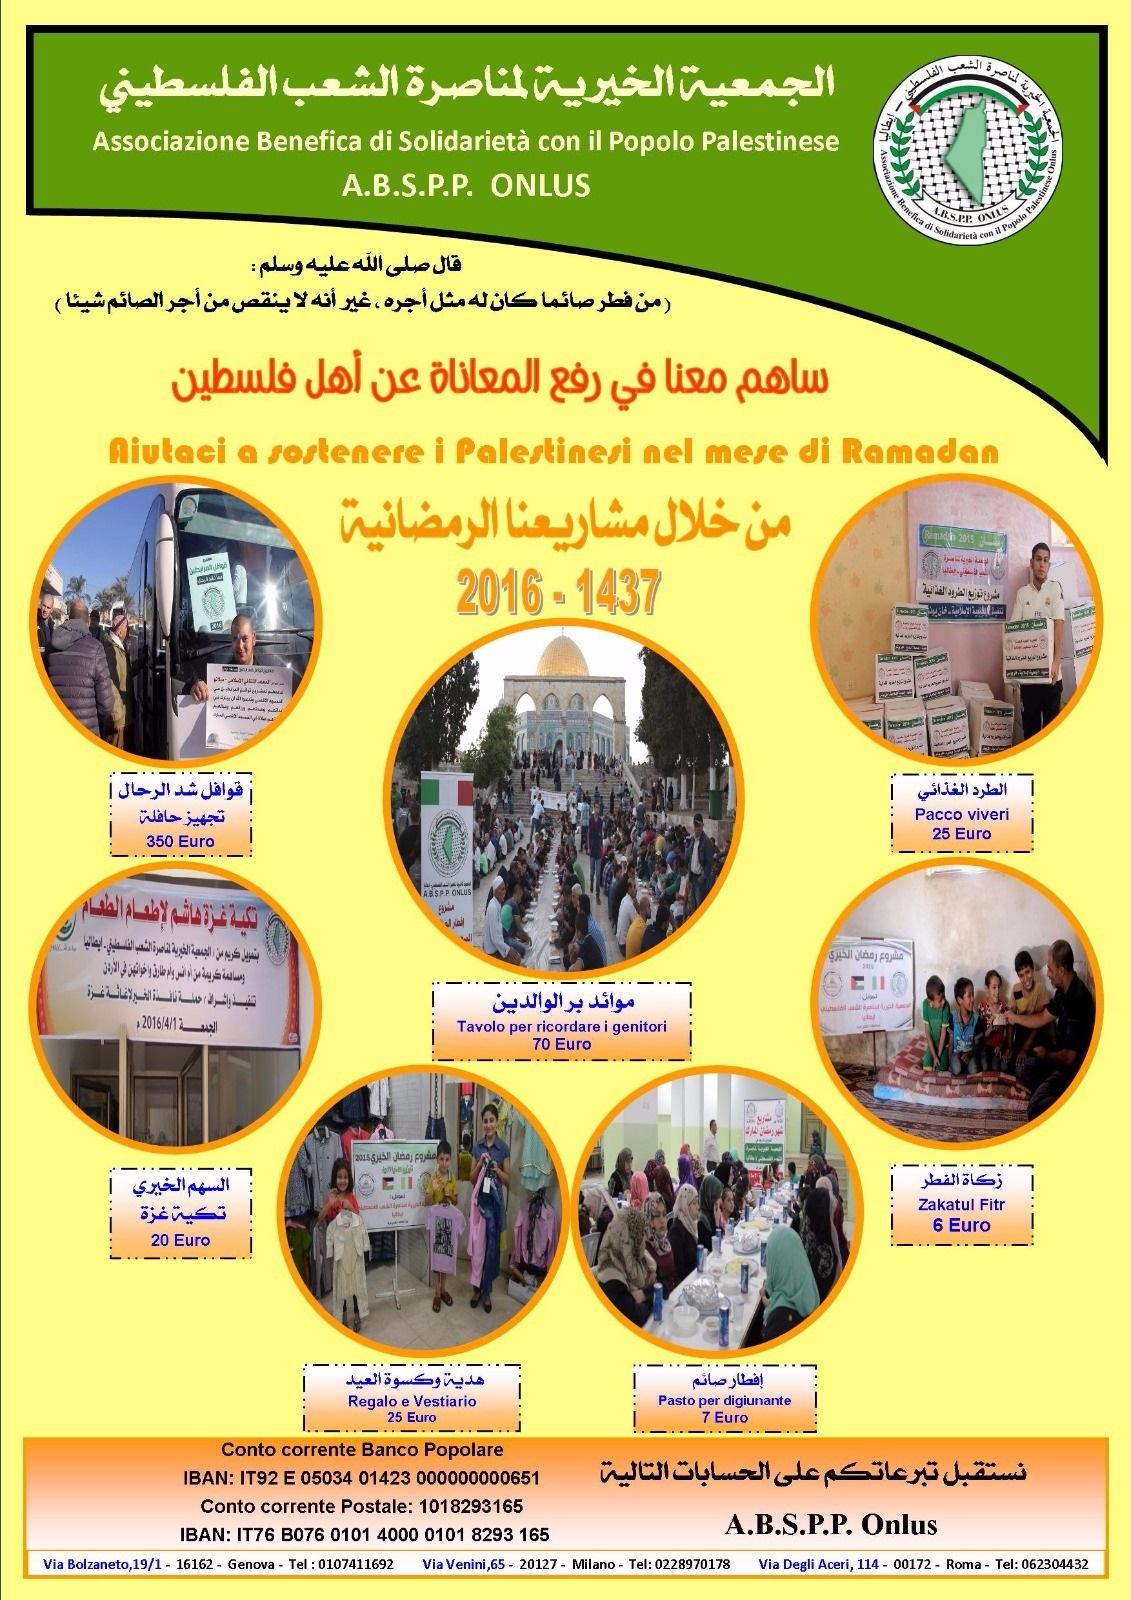 Progetti Abspp di sostegno ai Palestinesi nel mese di Ramadan